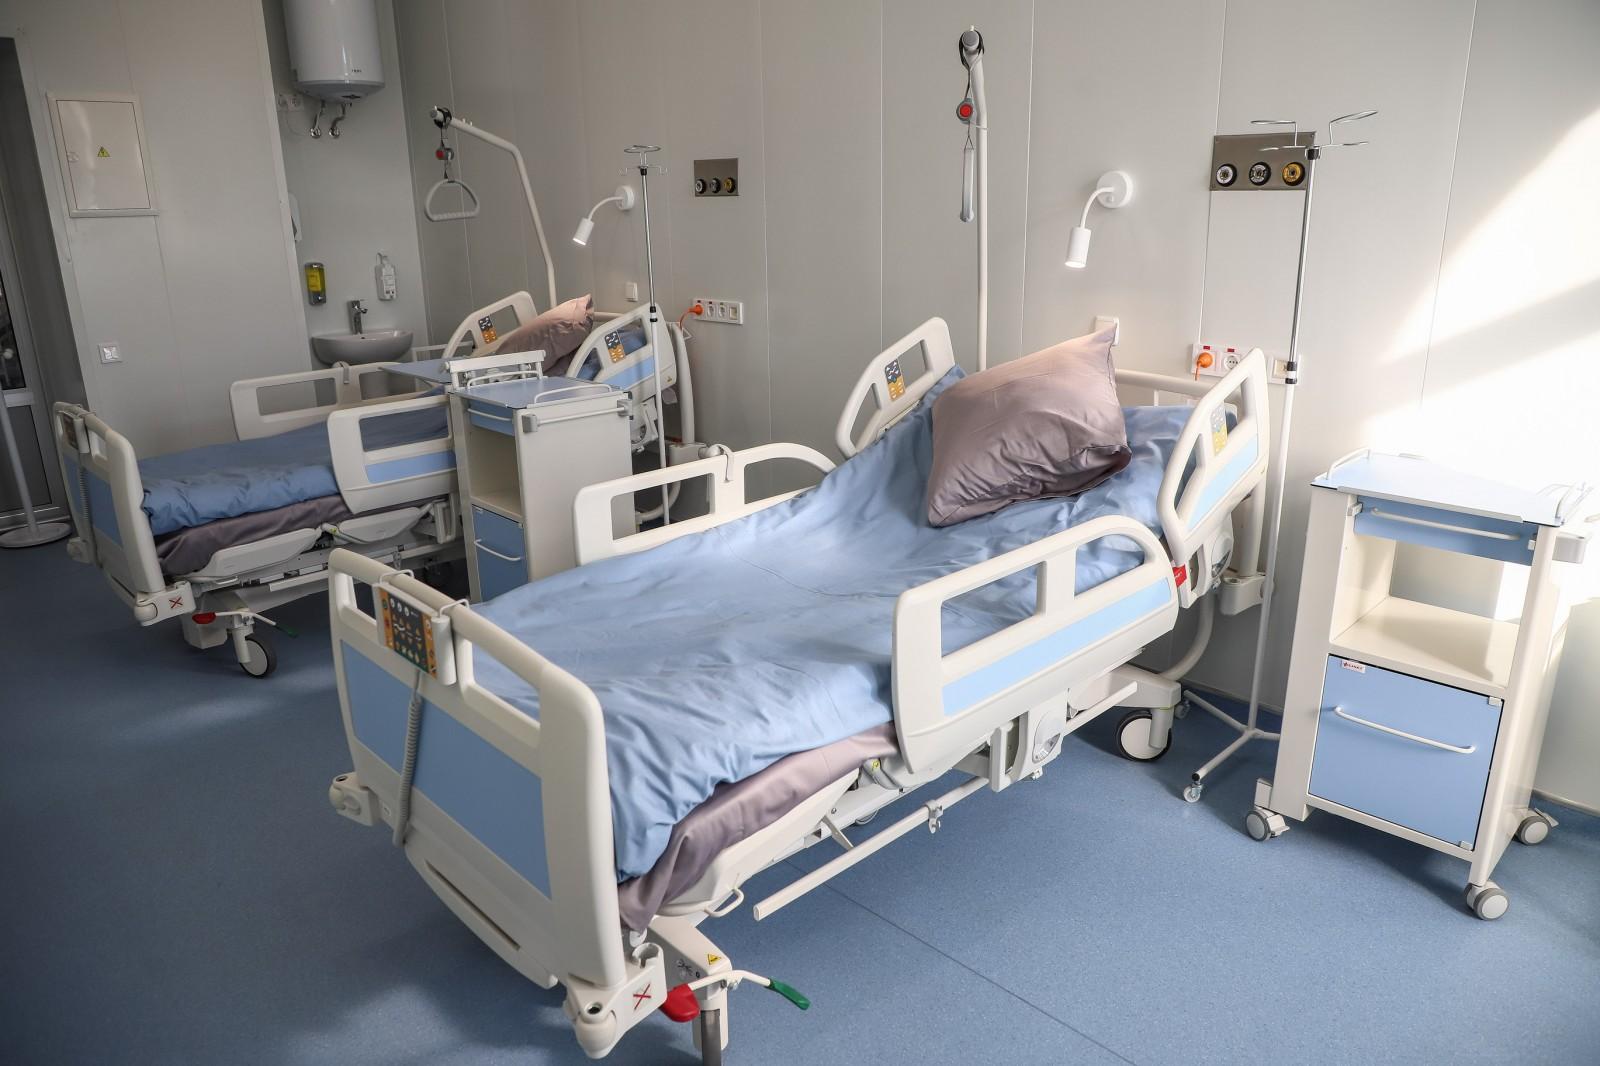 Минздрав призвал регионы воздержаться от перепрофилирования коек под больных COVID-19